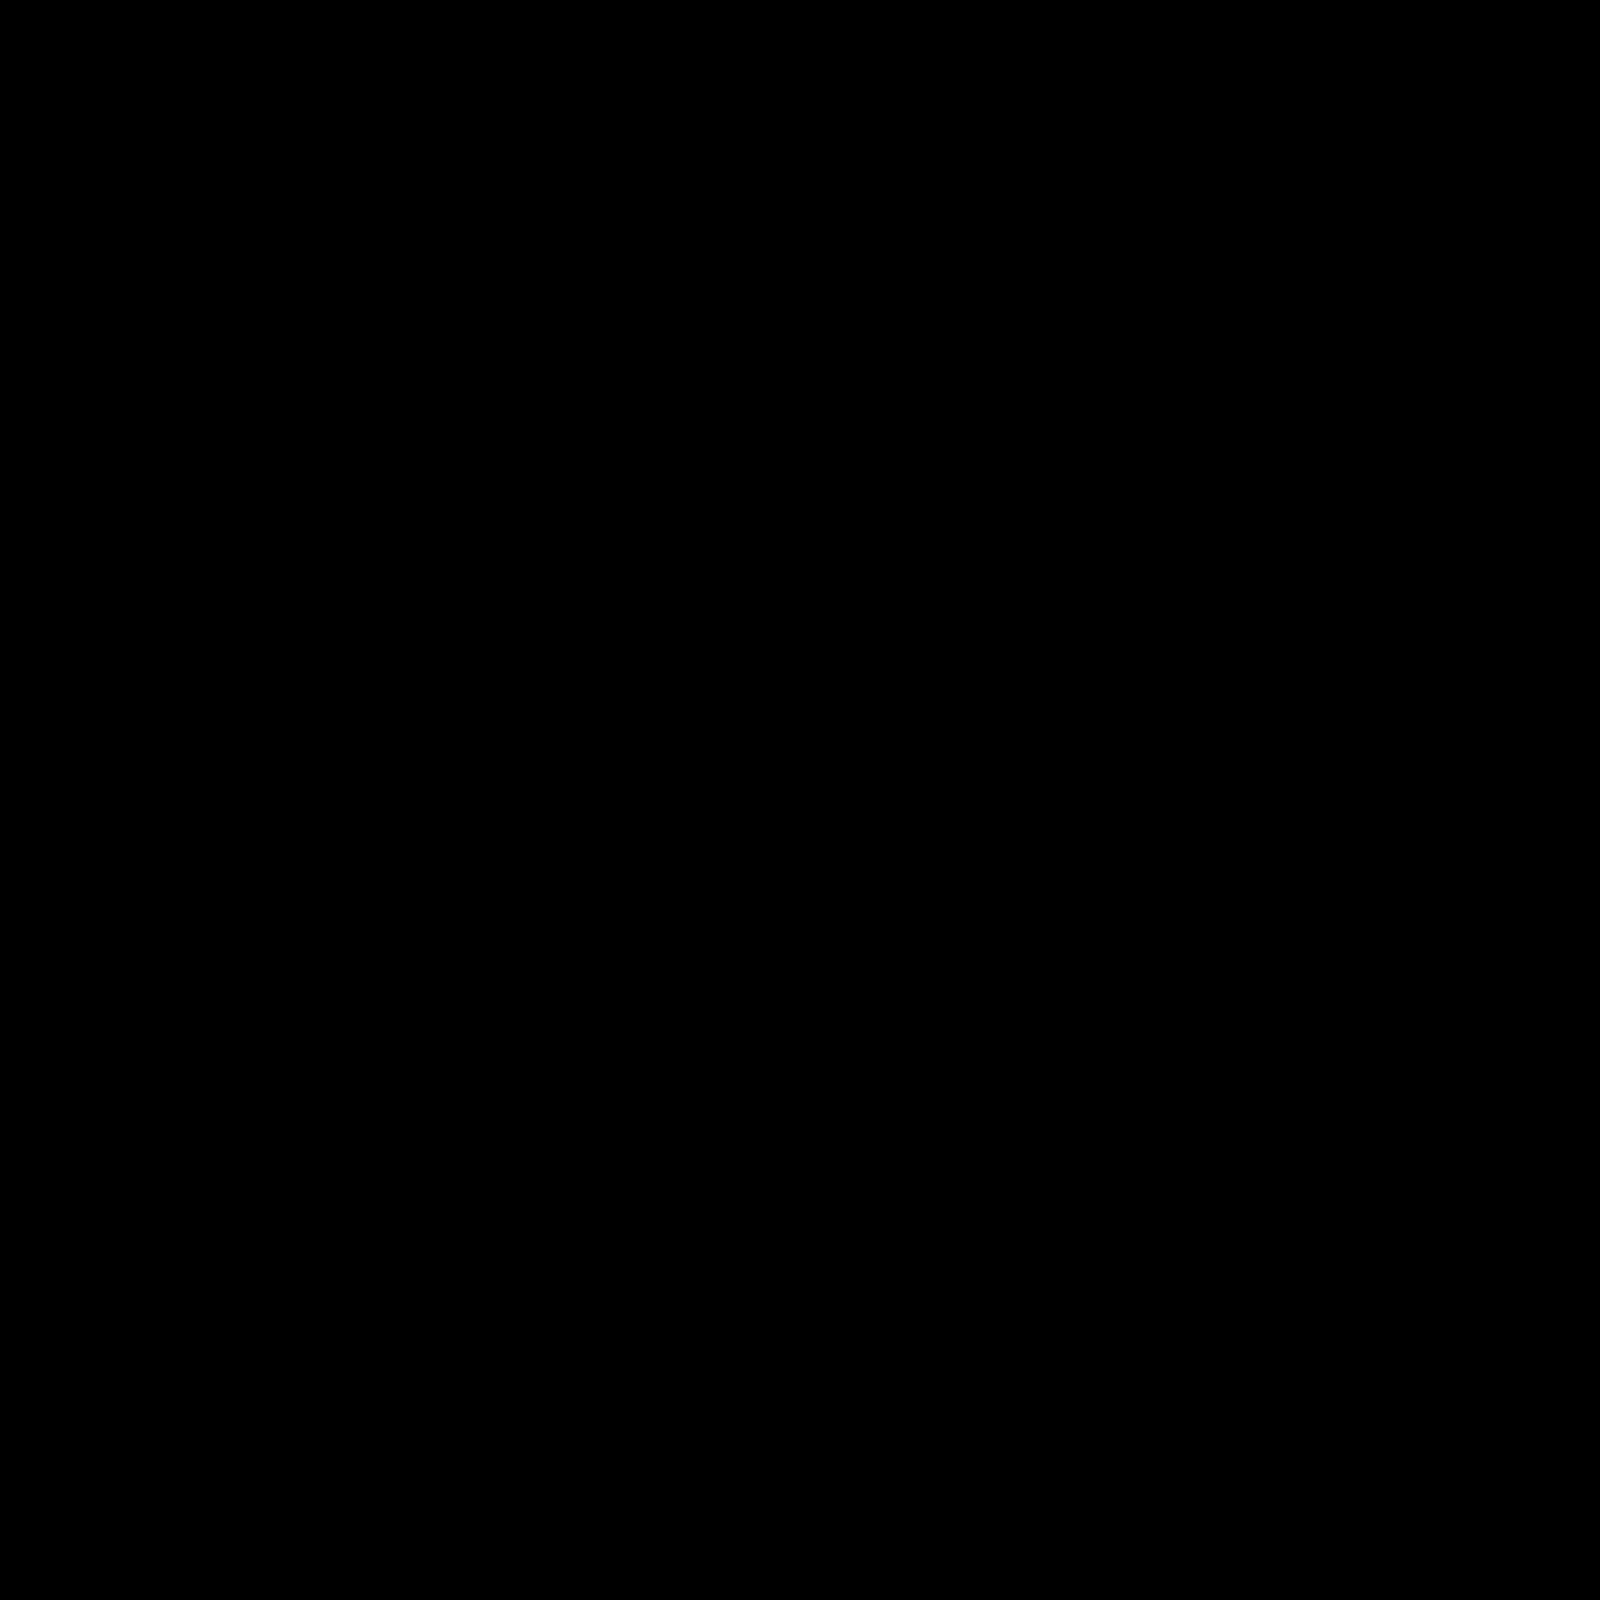 Configurazione dati icon